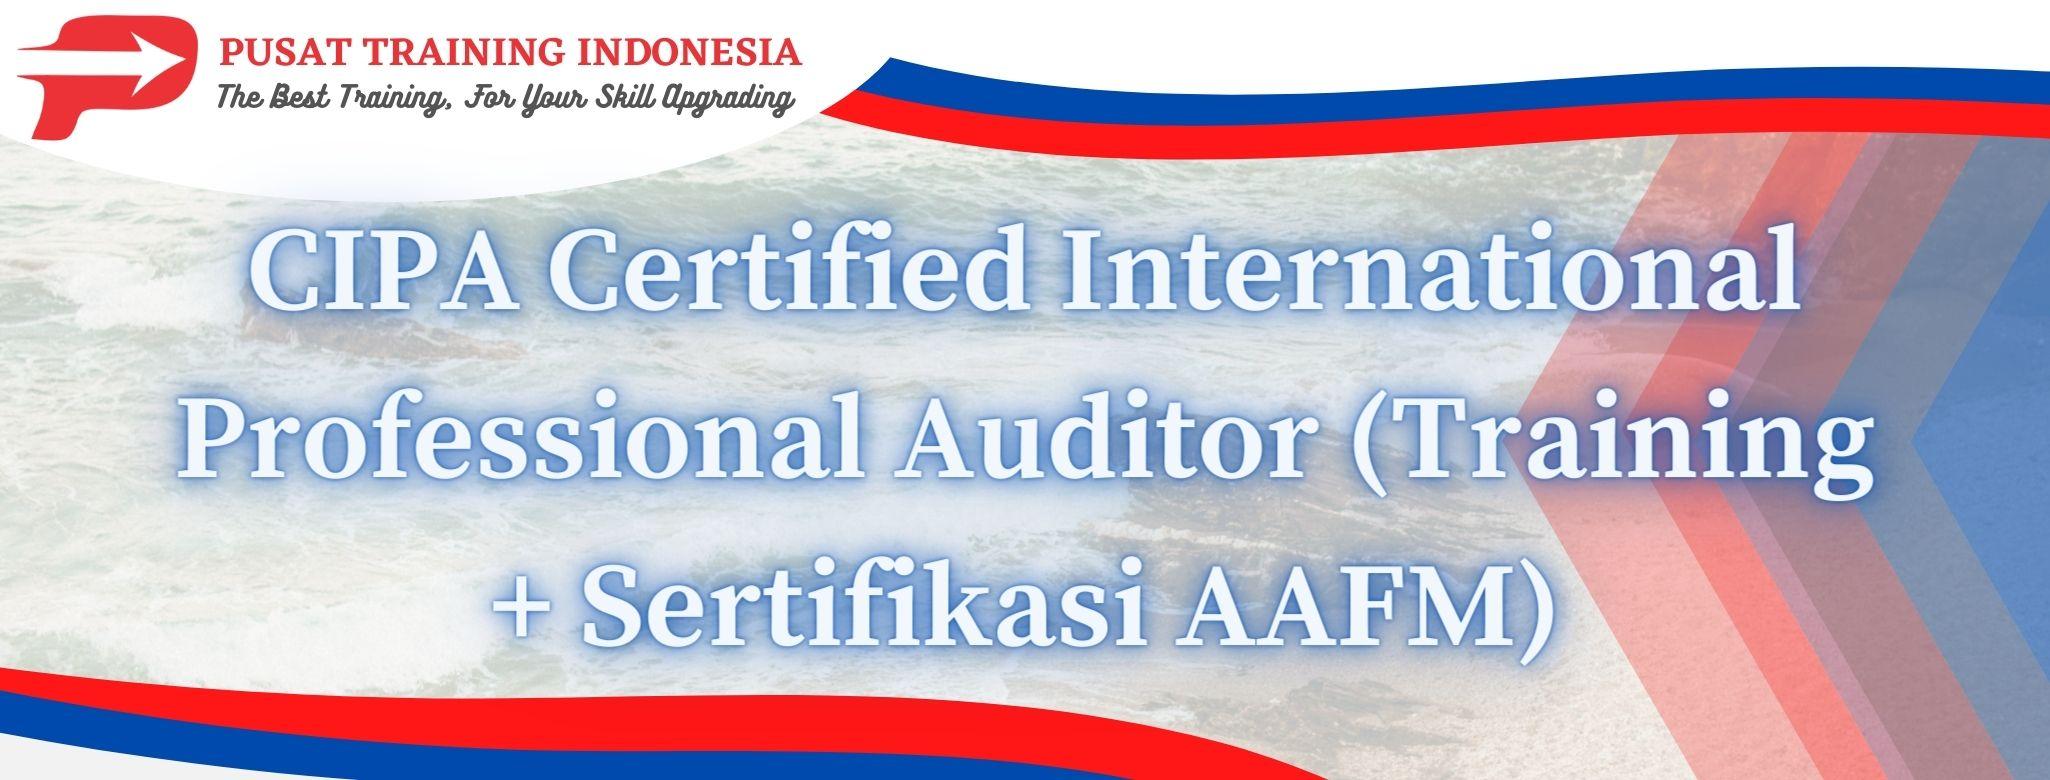 CIPA-Certified-International-Professional-Auditor-Training-Sertifikasi-AAFM